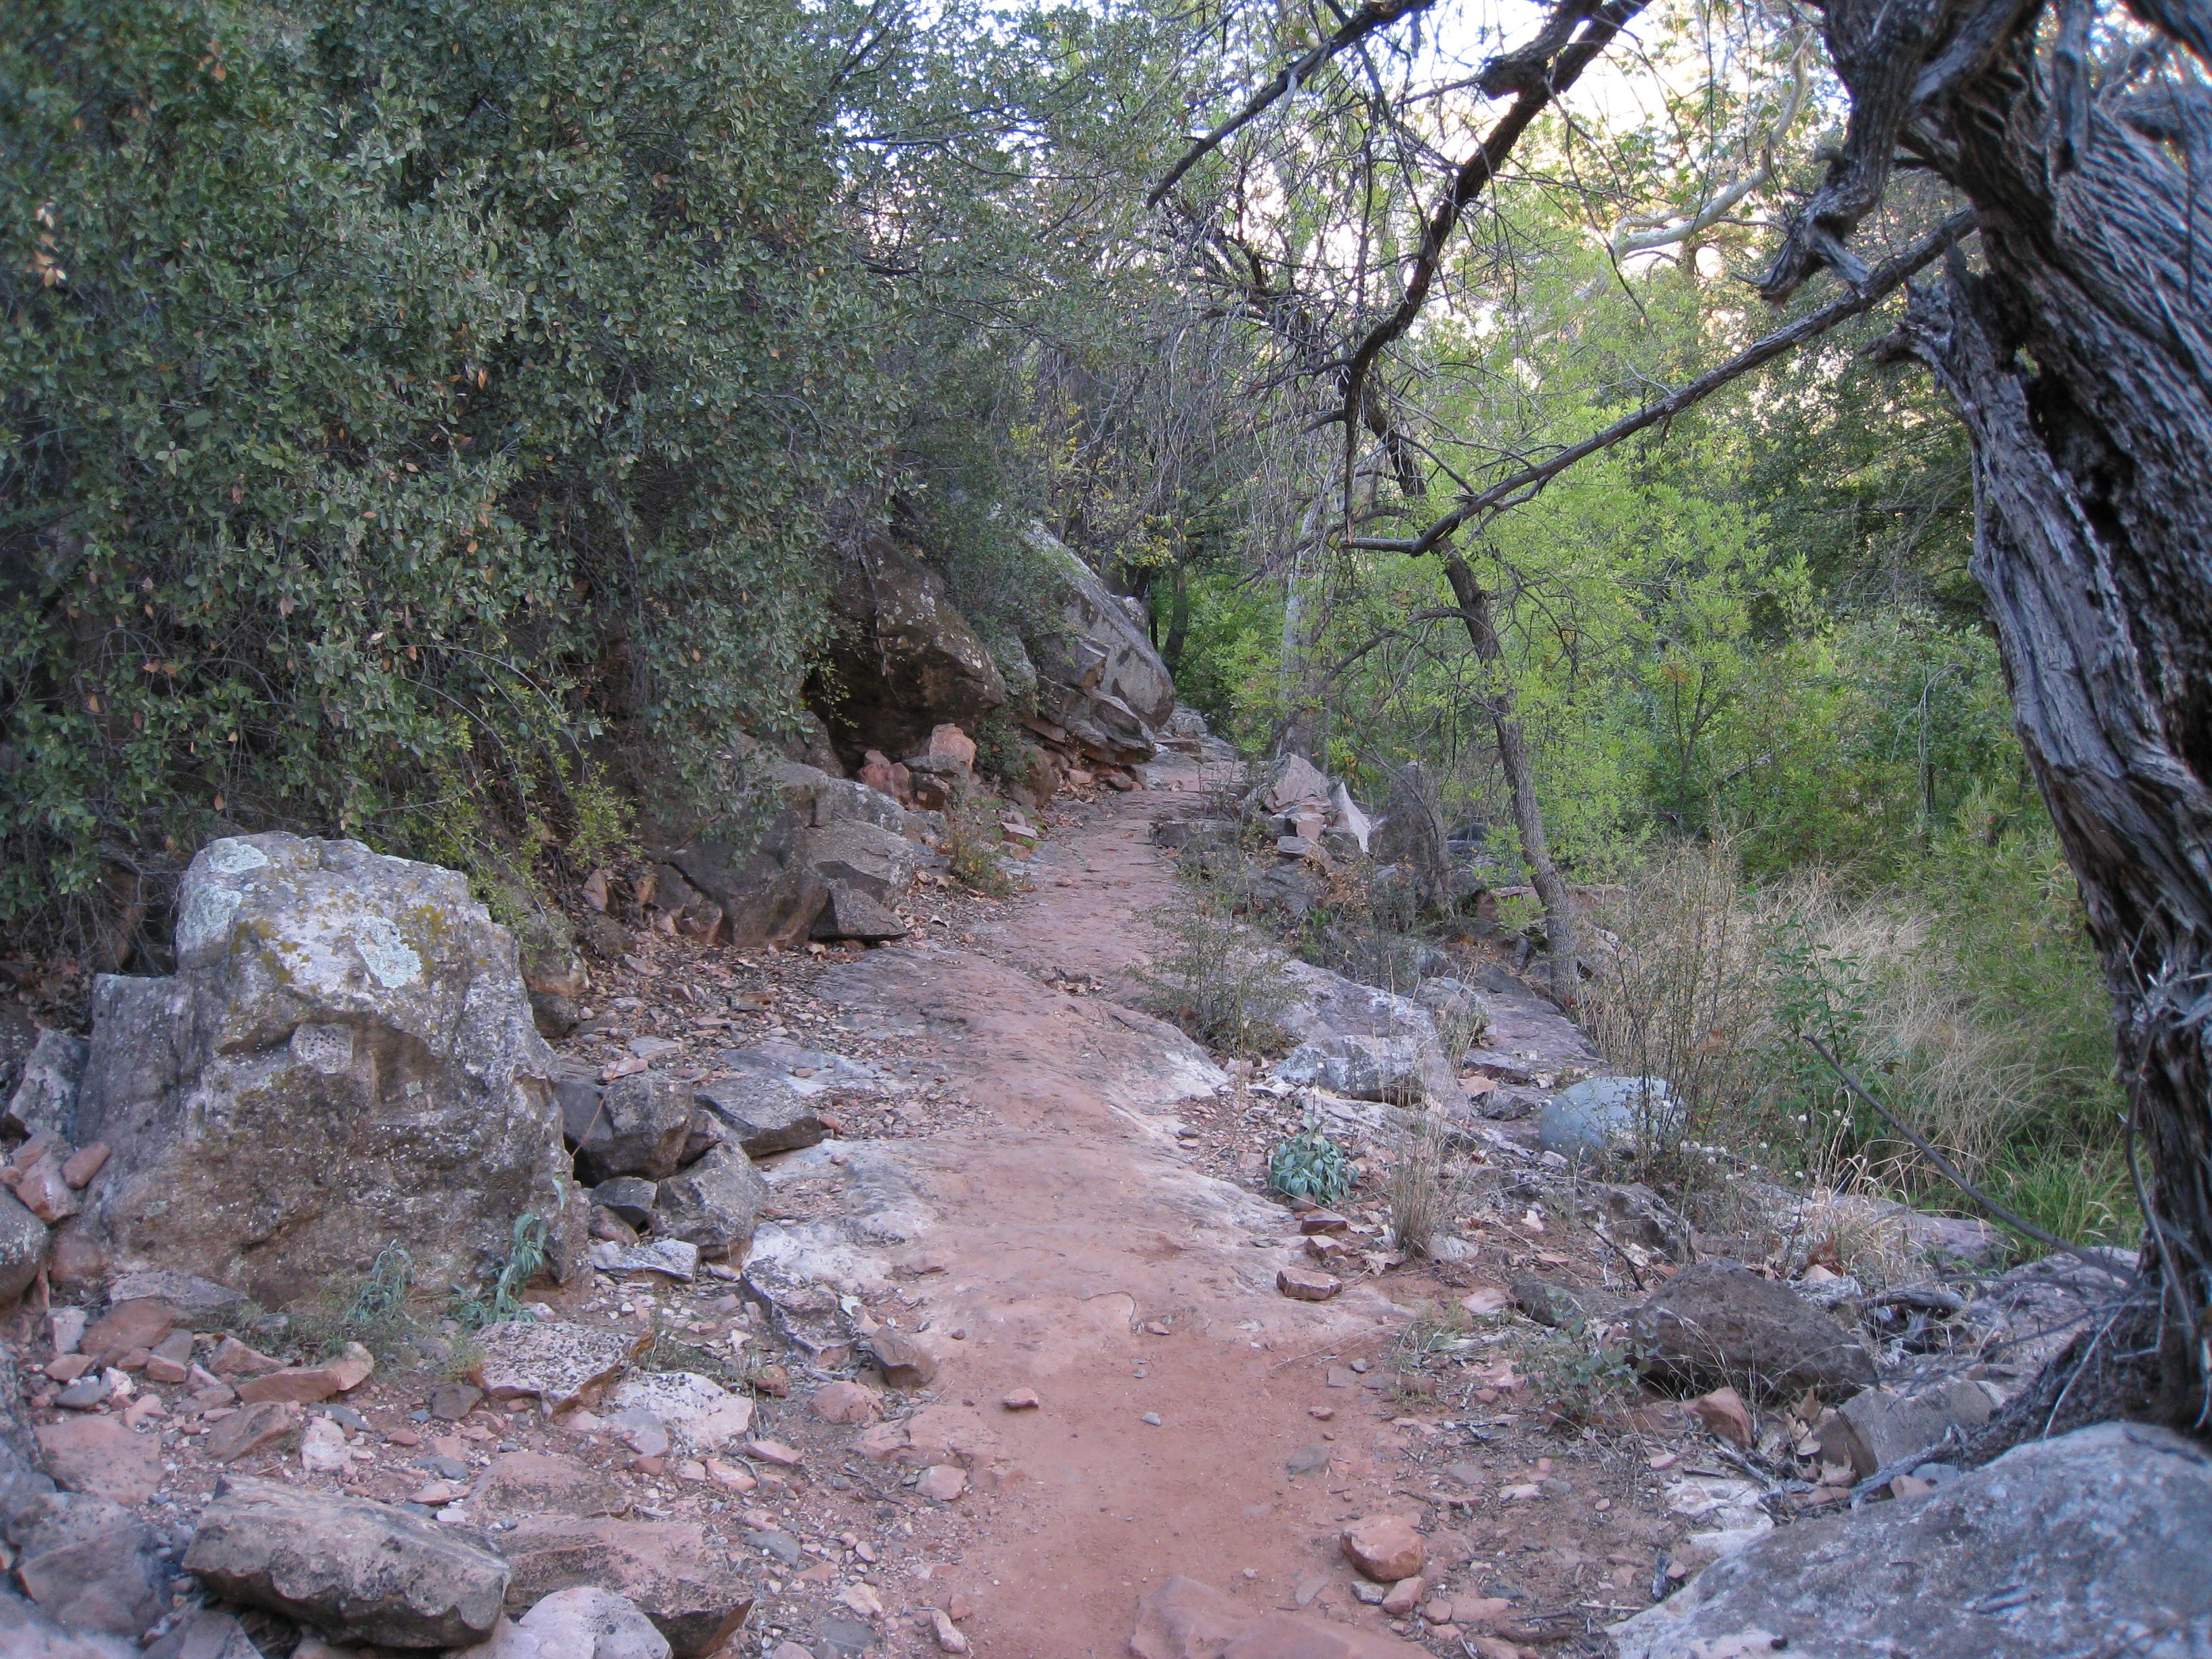 A rocky dirt path